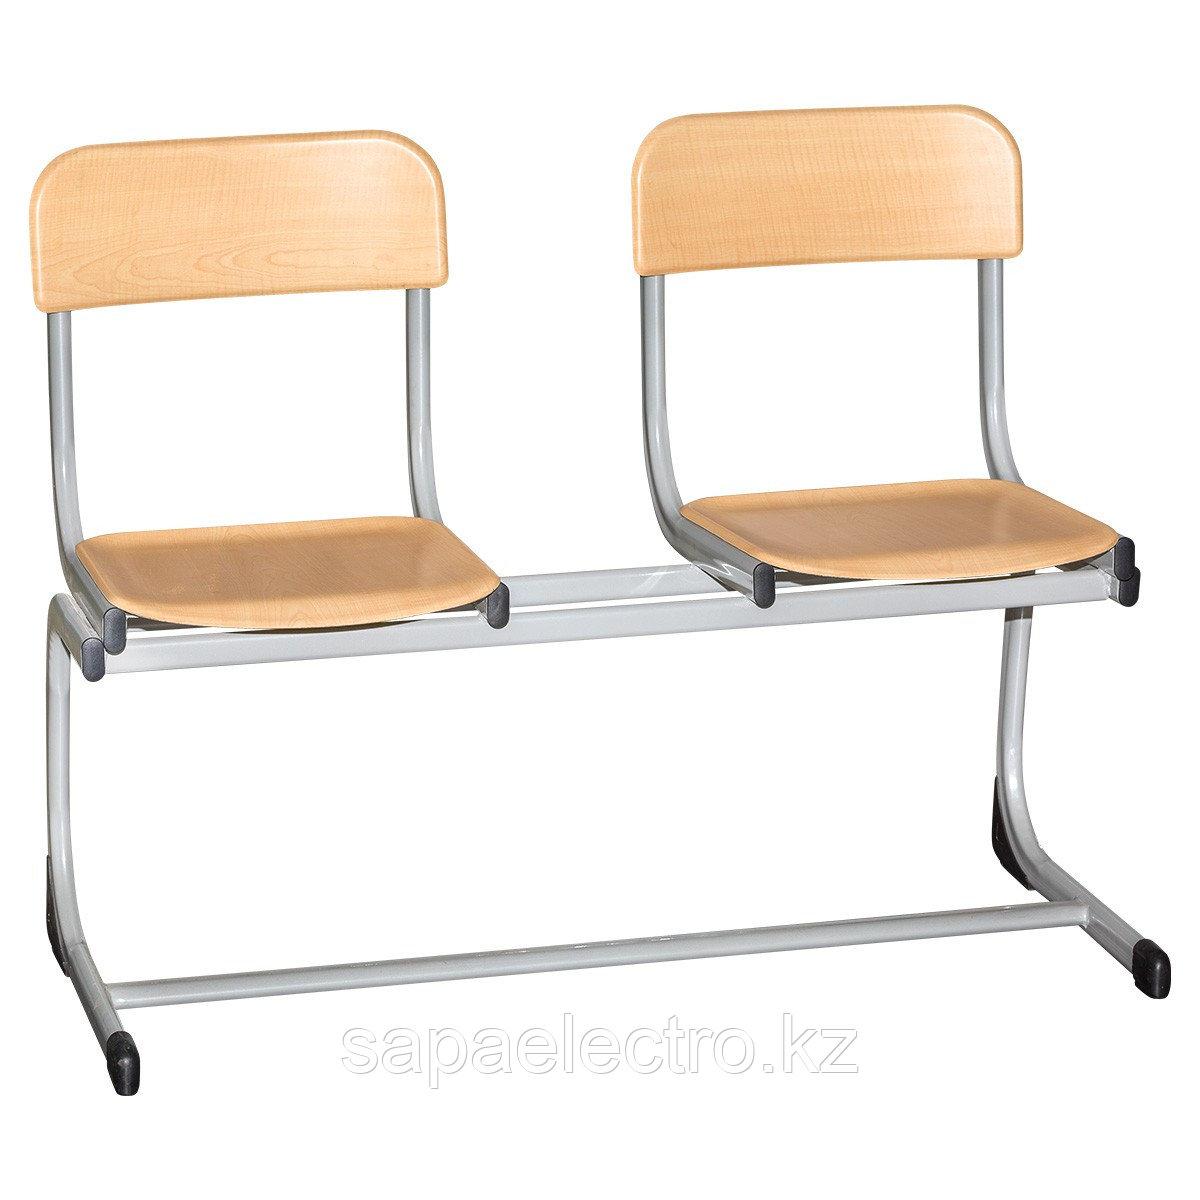 Школьные стулья 2LI (двойные) H-380мм Модель1 MGL (